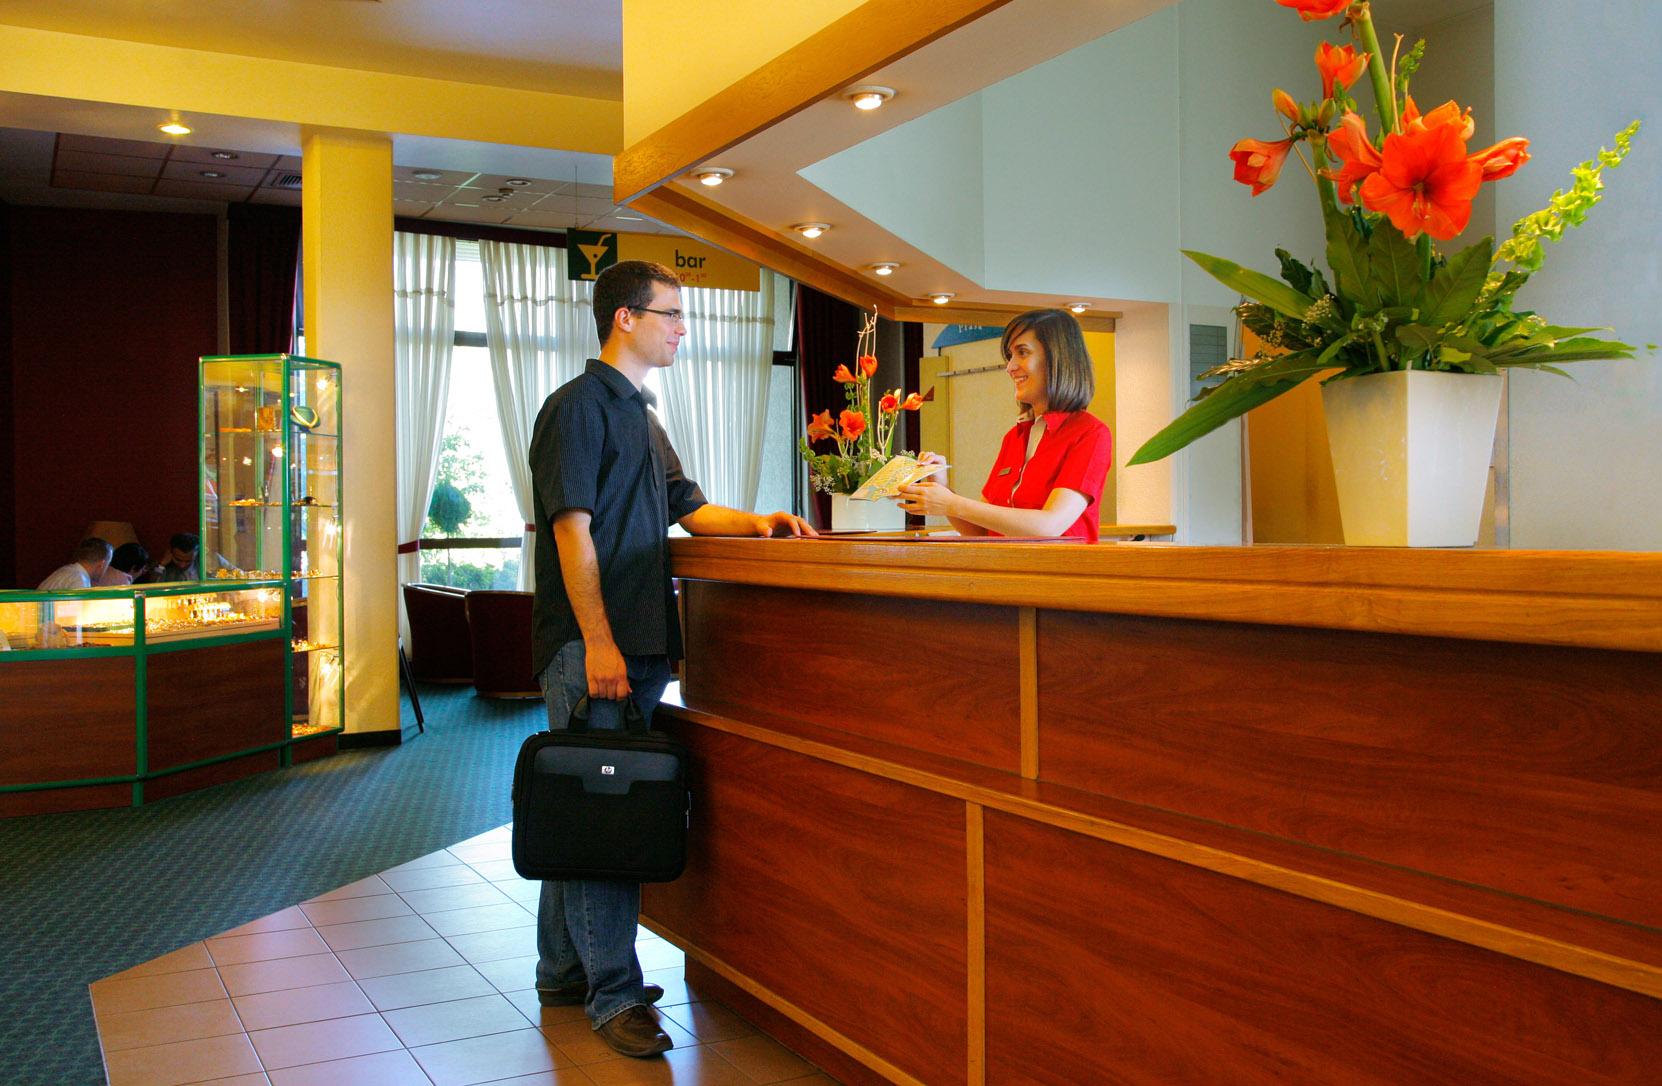 Гостиницы и отели: как не попасть впросак. Часть II